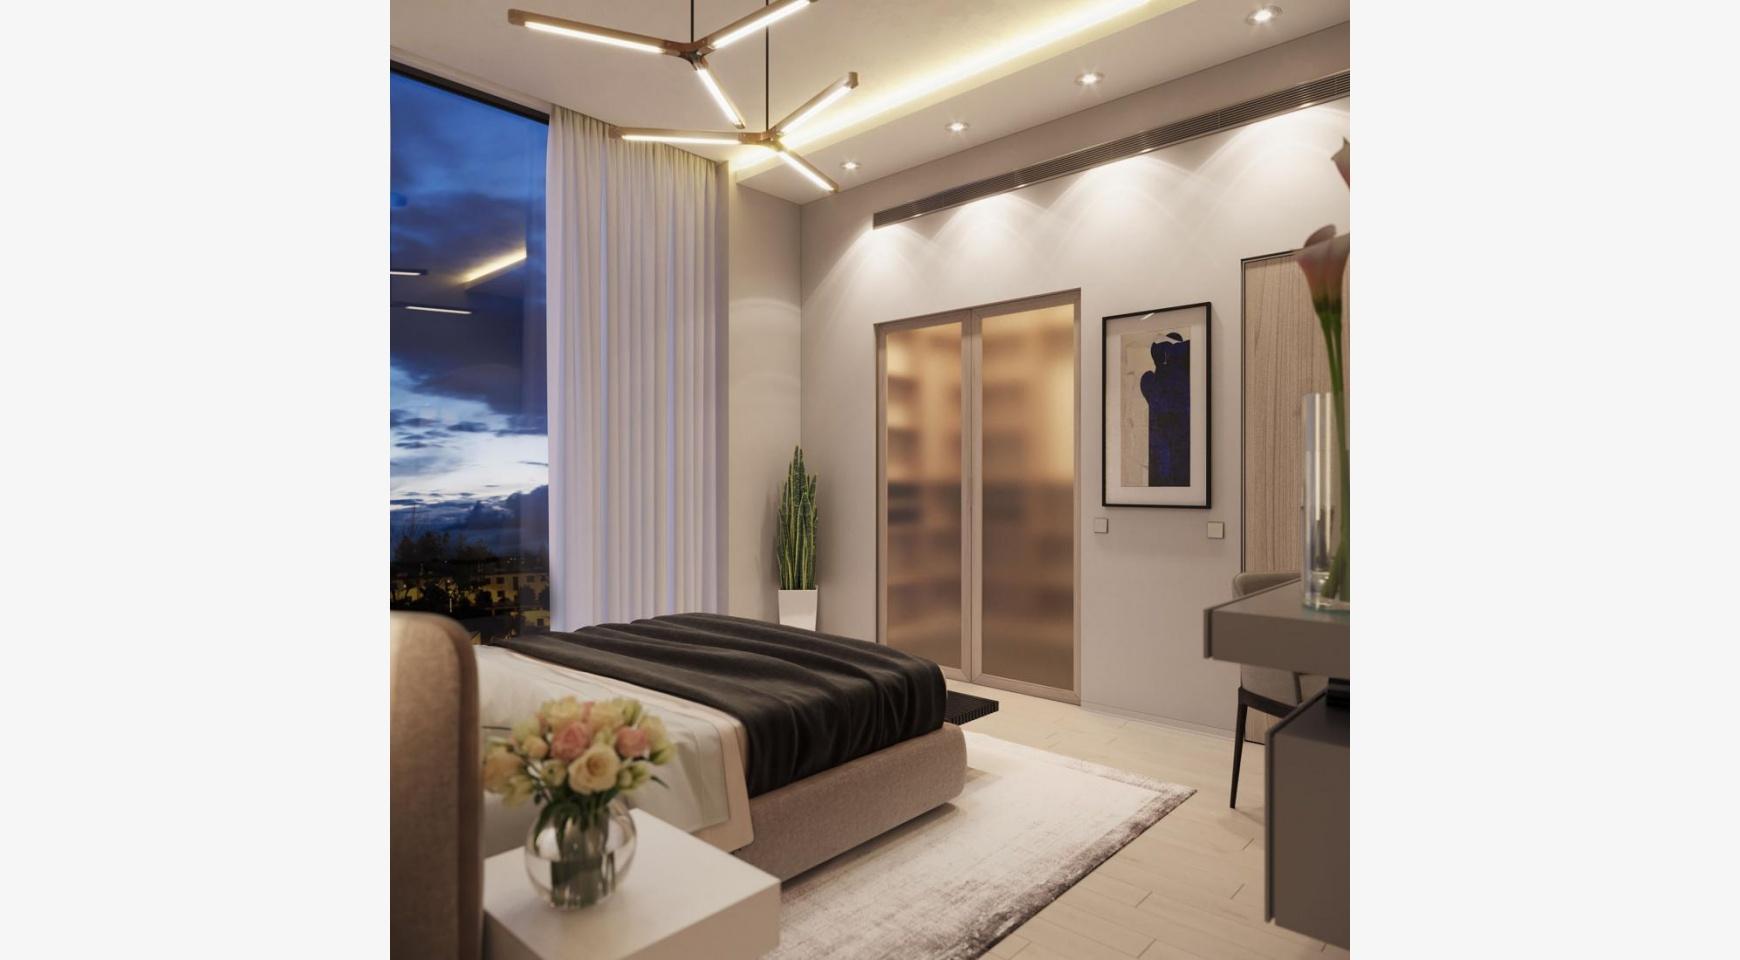 Cовременный 2-Спальный Пентхаус в Новом Комплексе возле Моря - 4